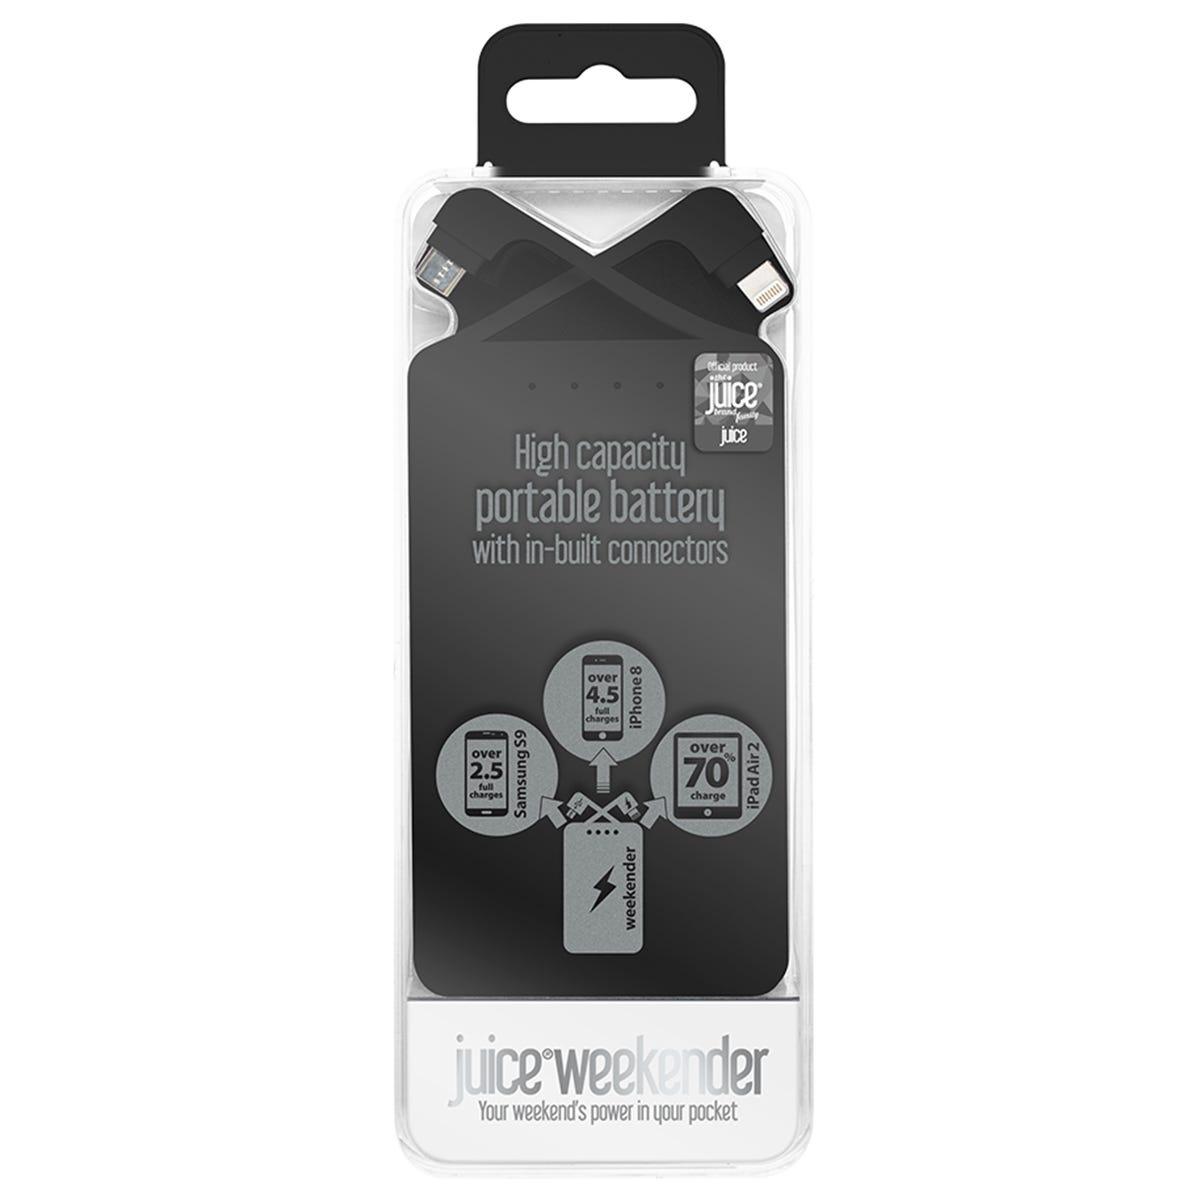 Image of Juice Weekender 8,400mAh Power Bank - Black